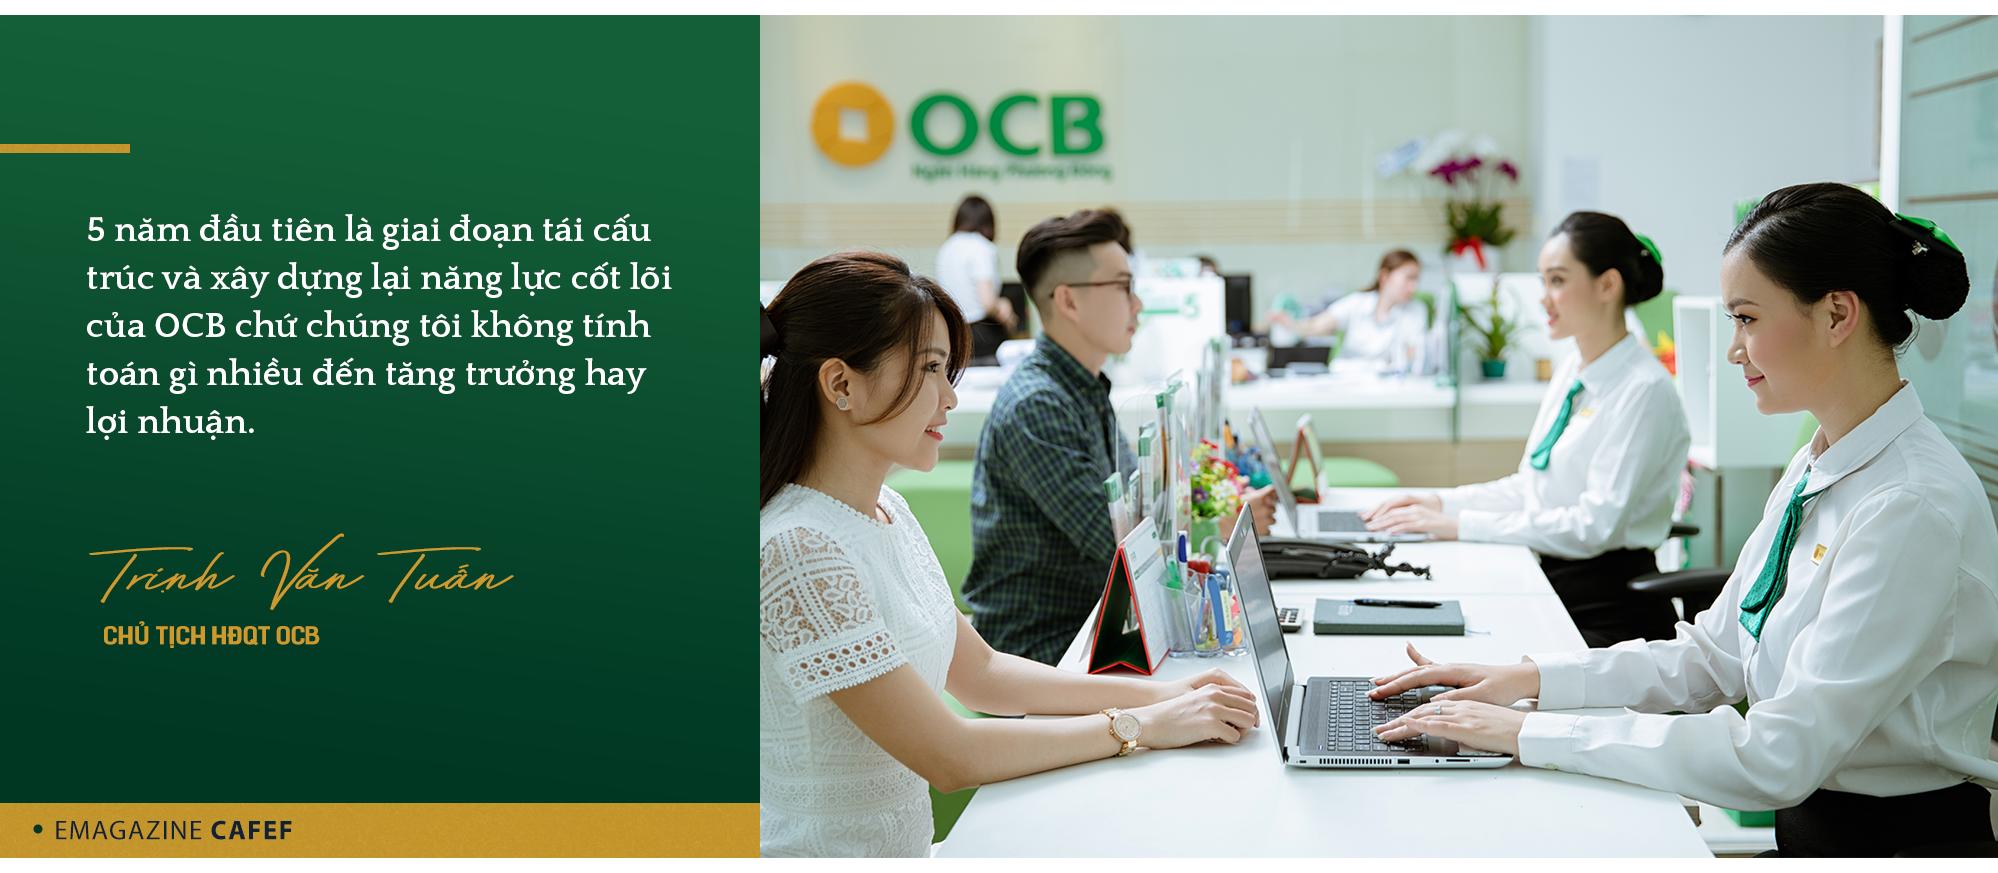 Đông Âu Tứ hùng trong giới ngân hàng: Doanh nhân Trịnh Văn Tuấn người tạo ra cuộc cách mạng về hiệu quả tại OCB - Ảnh 7.